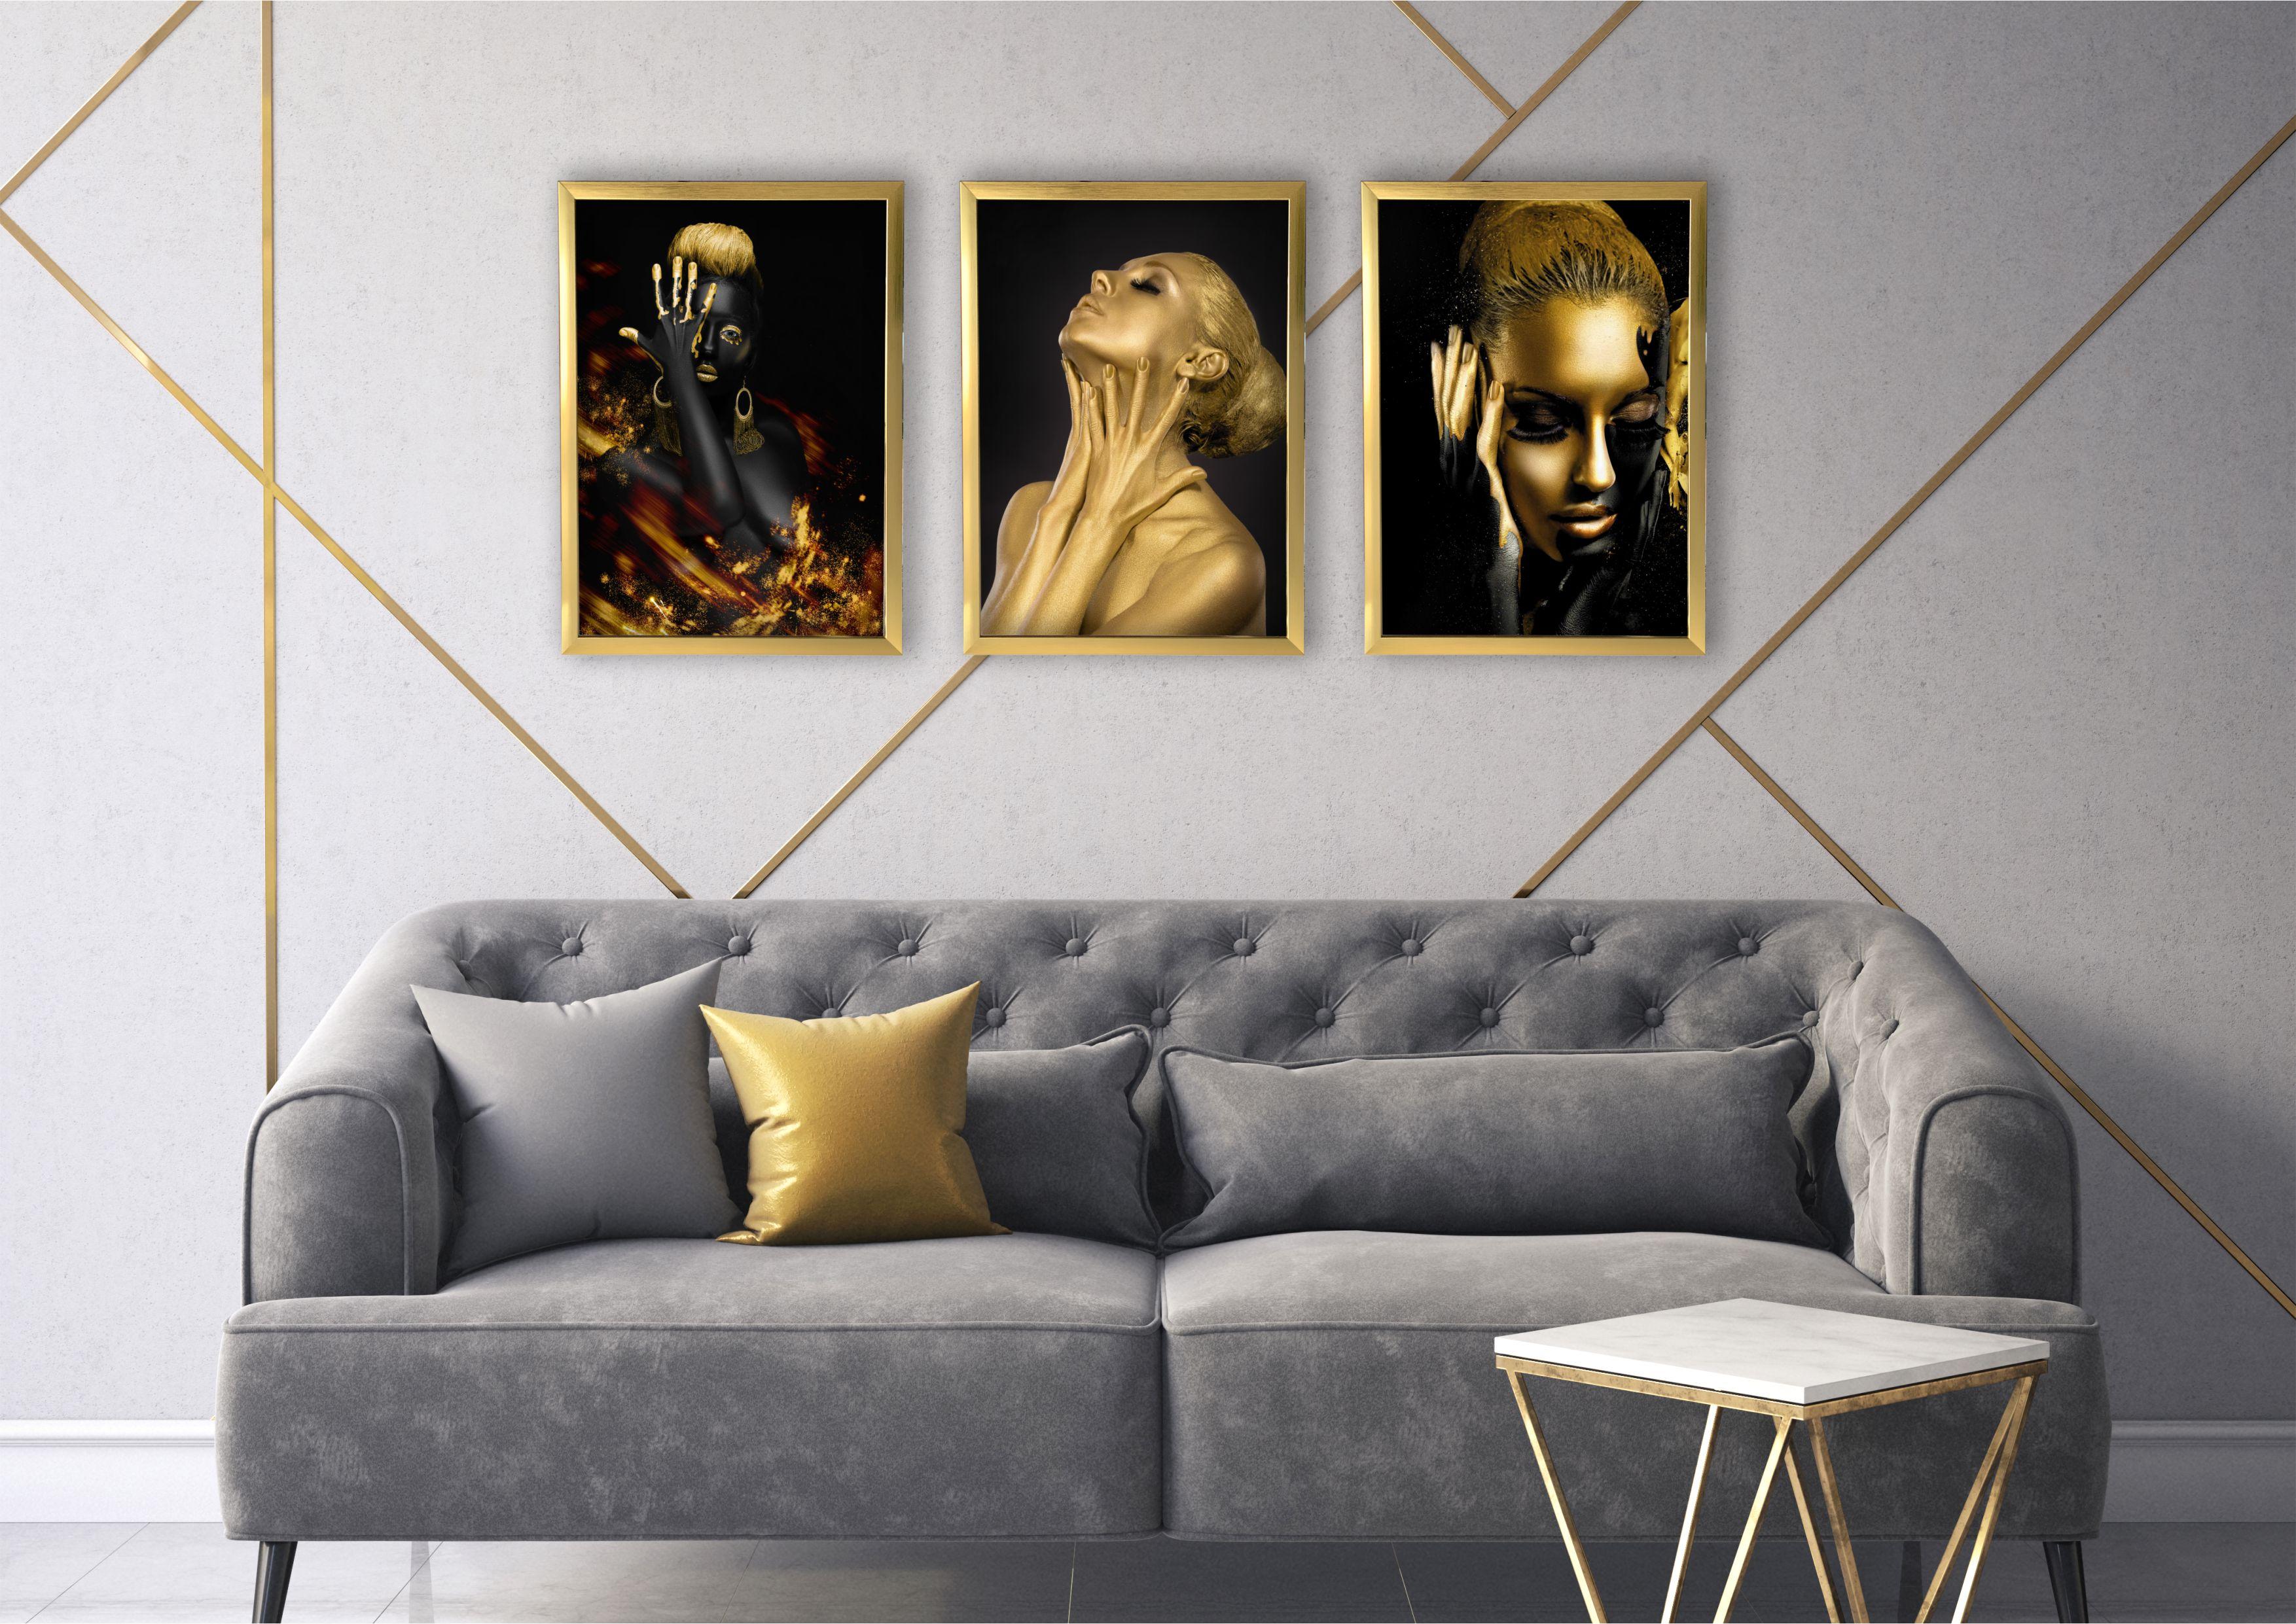 złote kobiety w salonie